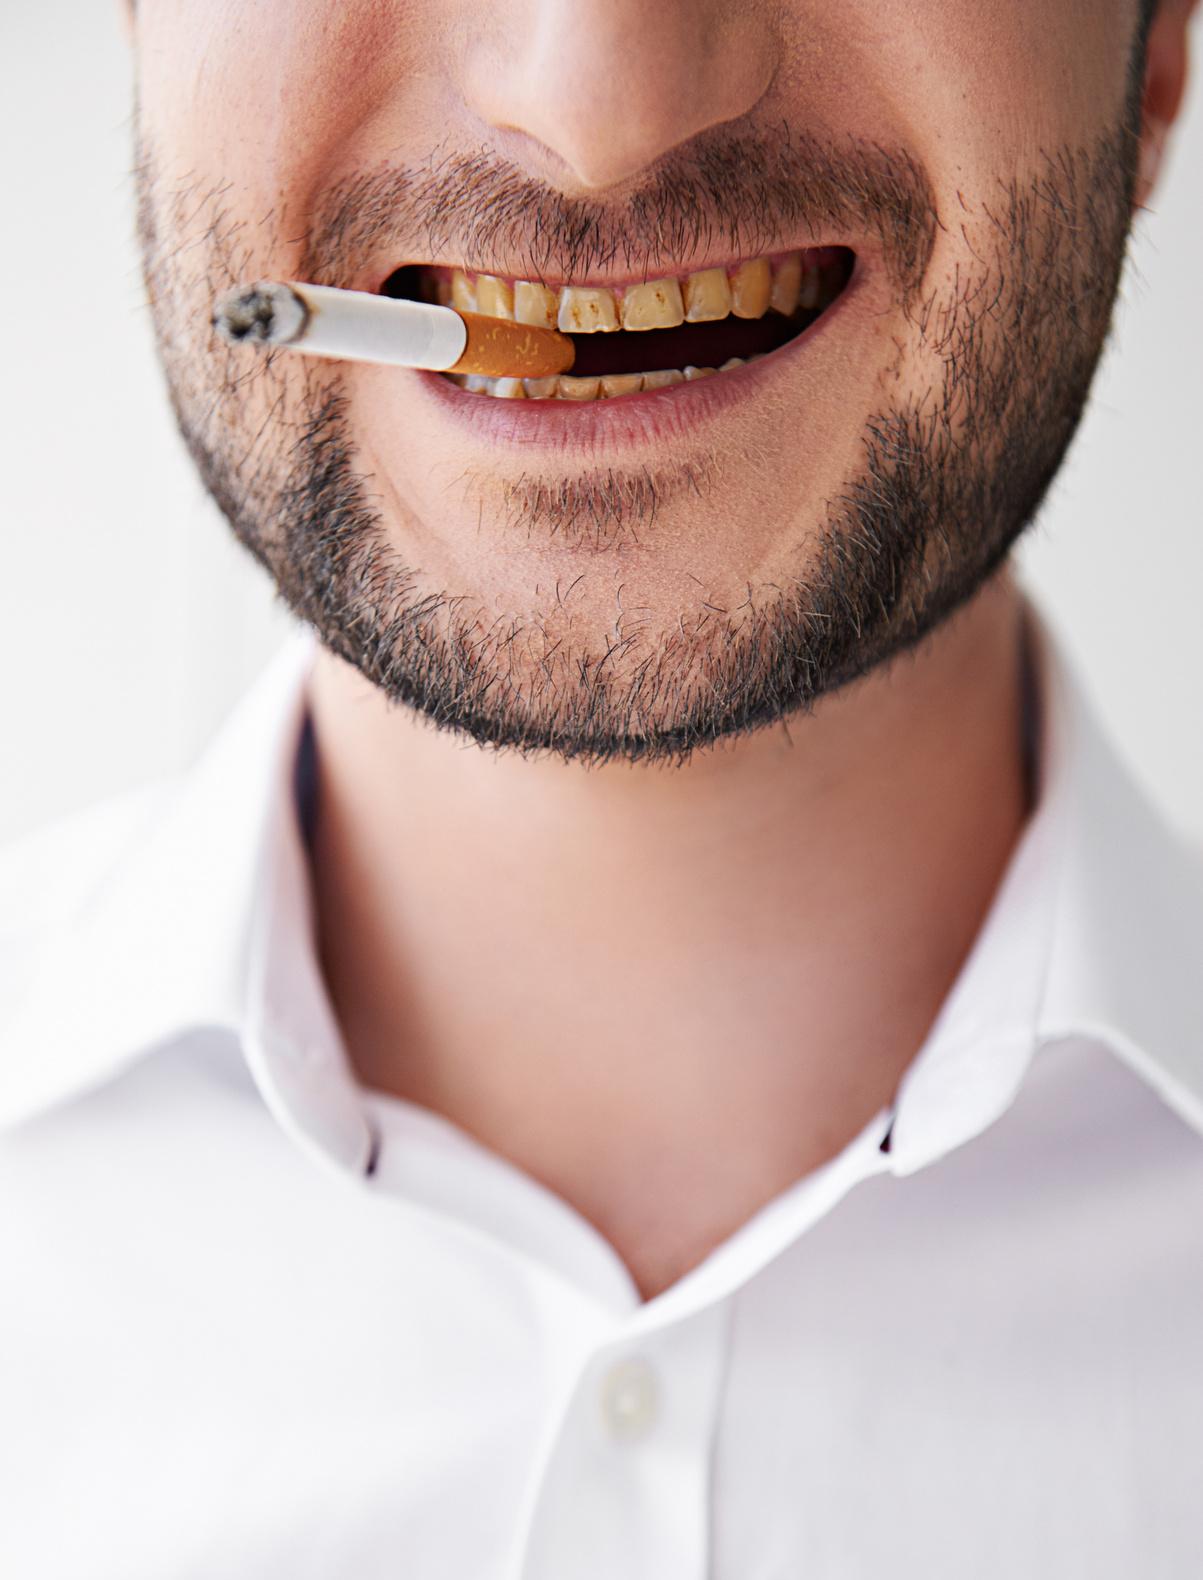 Smoking and dental care